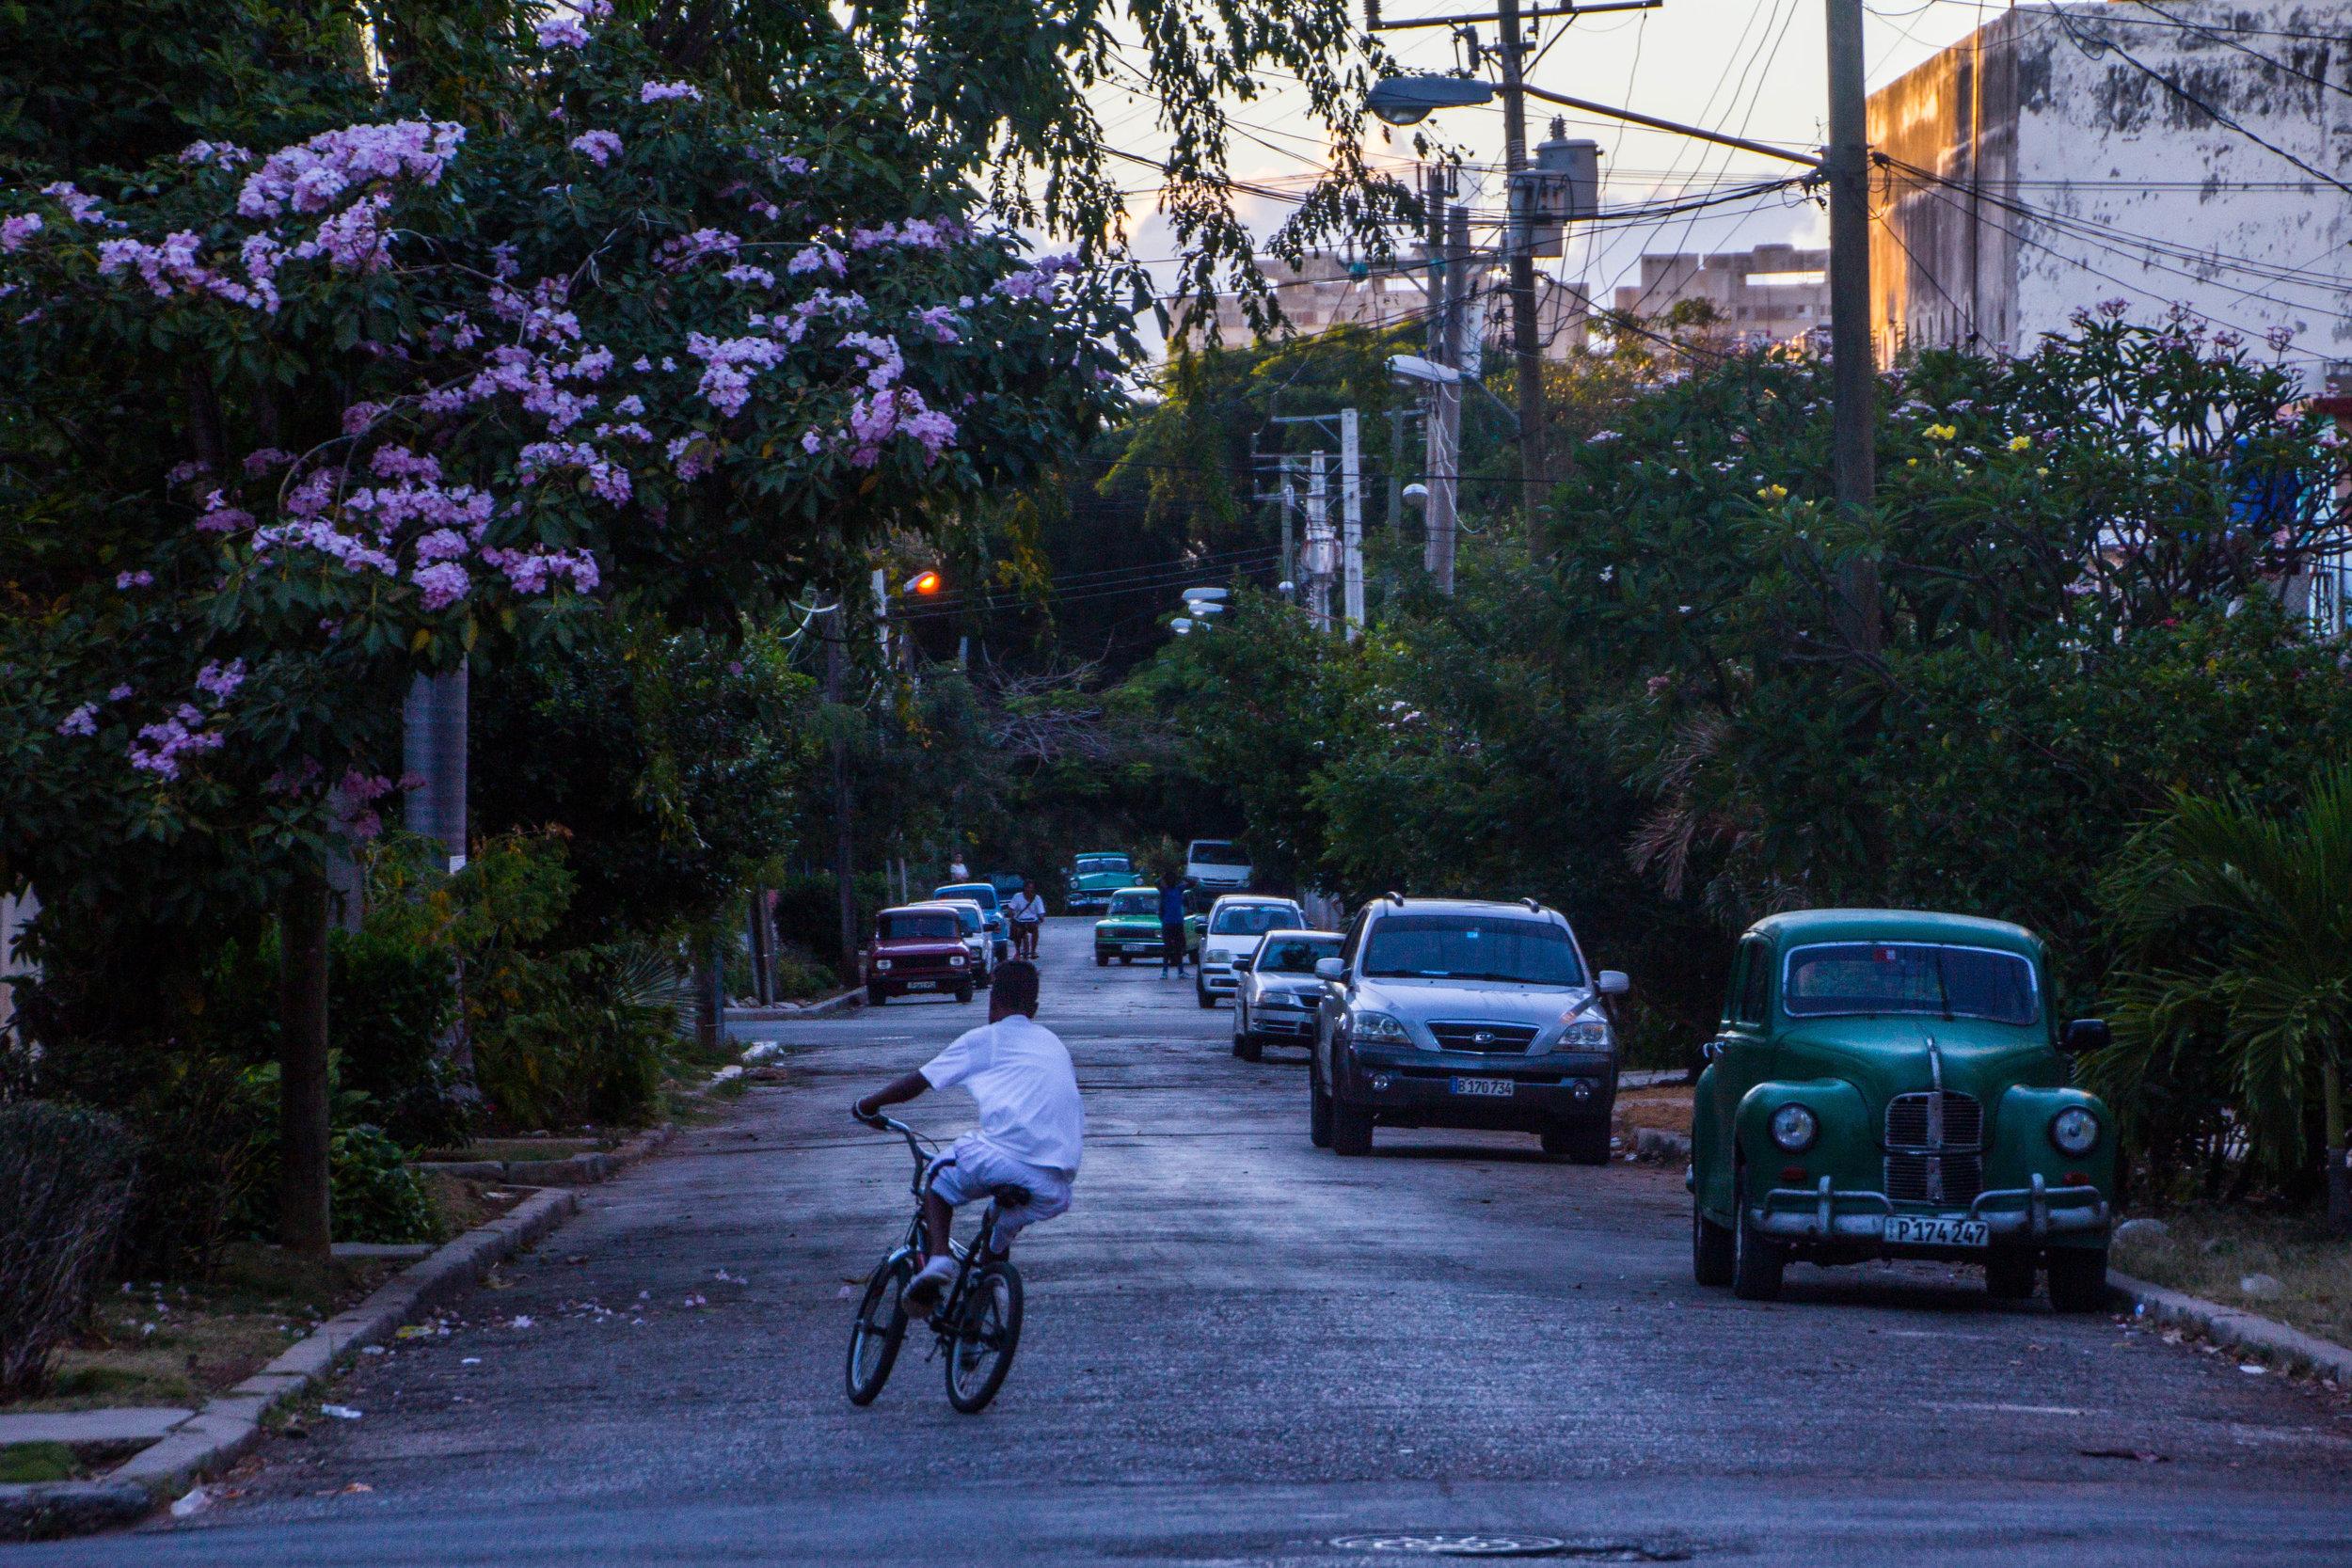 streets at sunset vedado havana cuba-1-2.jpg